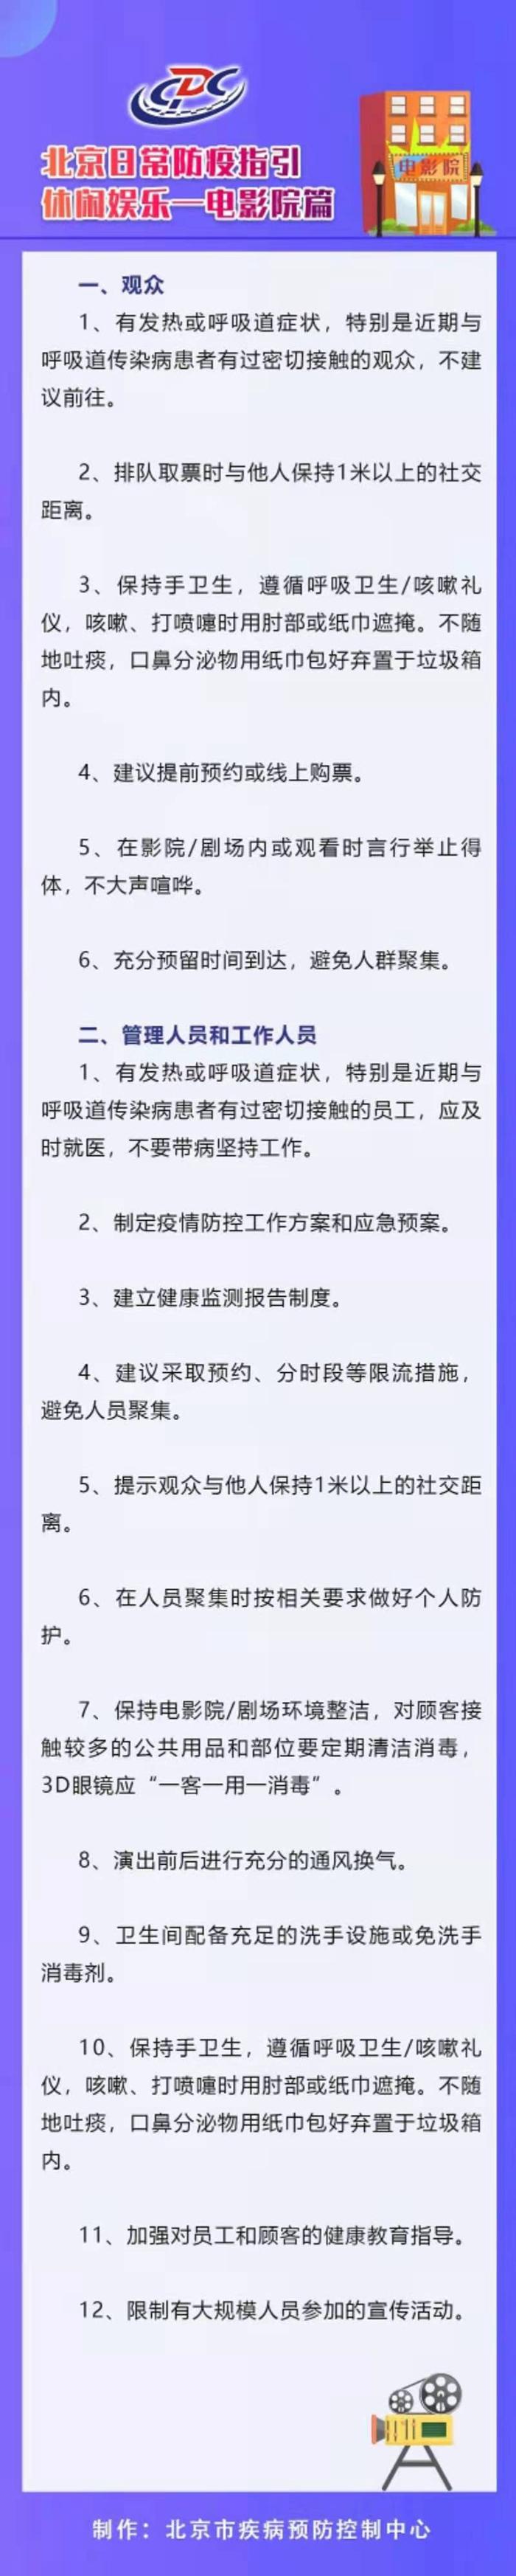 北京疾控:有呼吸道症状或相关密接史者不建议去电影院